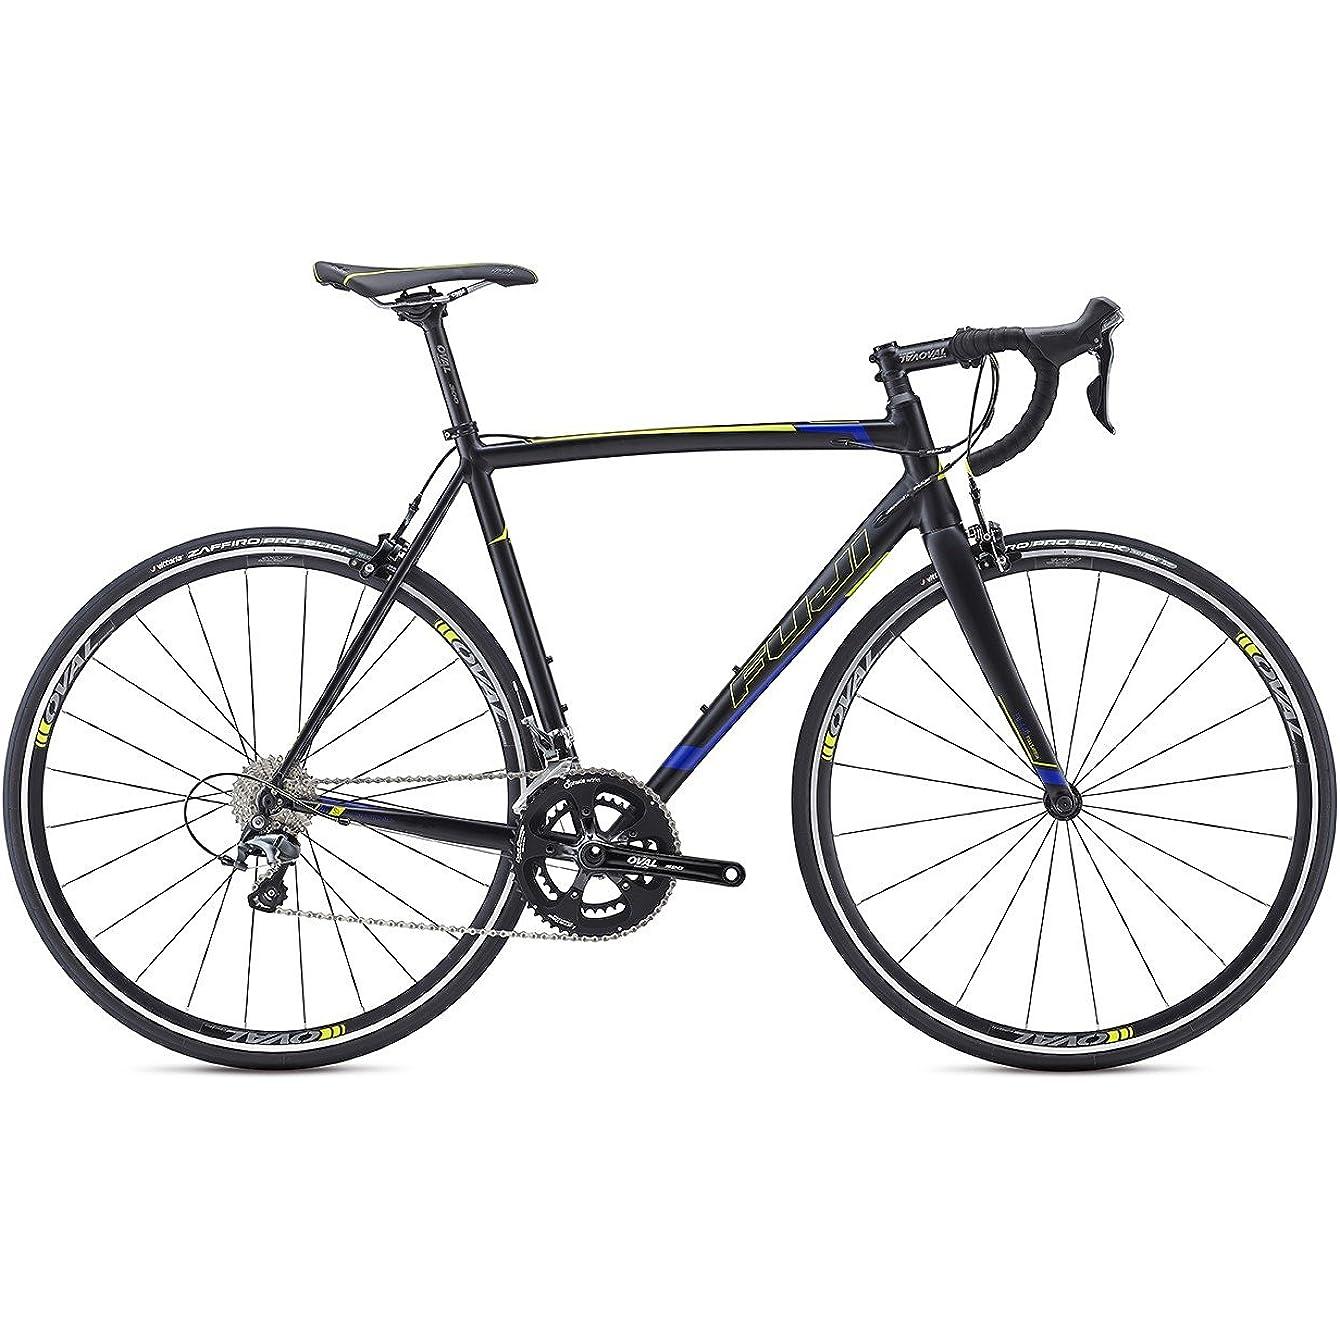 Ein qualitativ hochwertiges Rennrad bekommen Sie von der Marke Fuji.